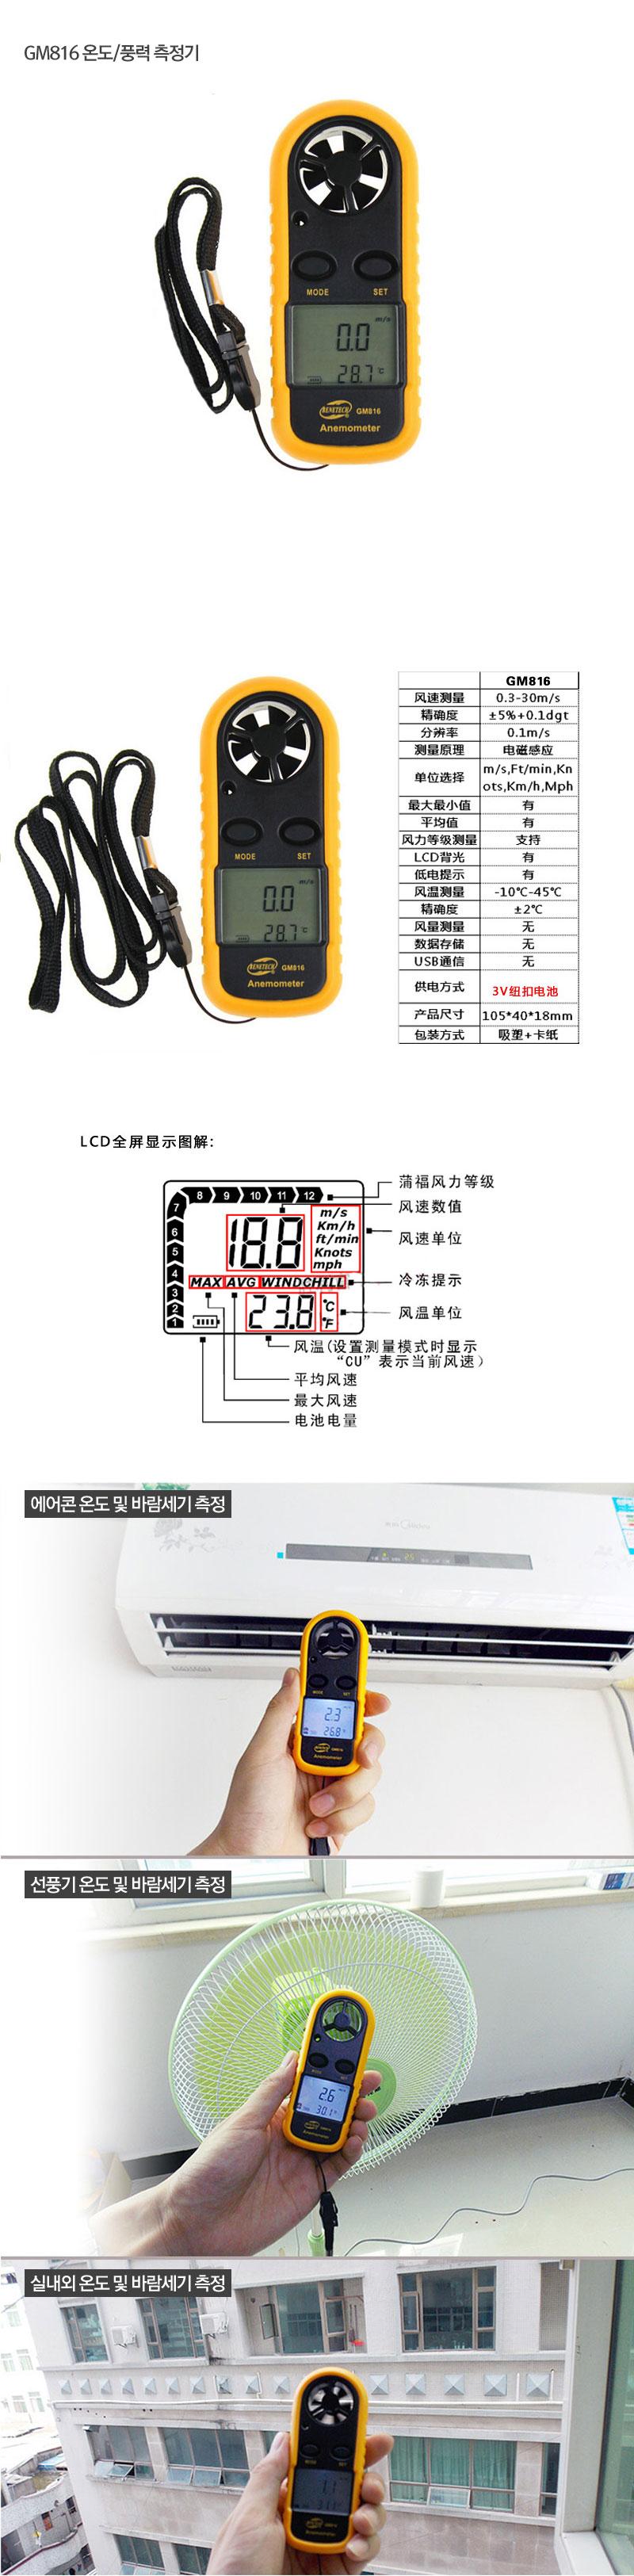 캠핑시 유용한 GM816 온도/풍력/풍속 바람측정기